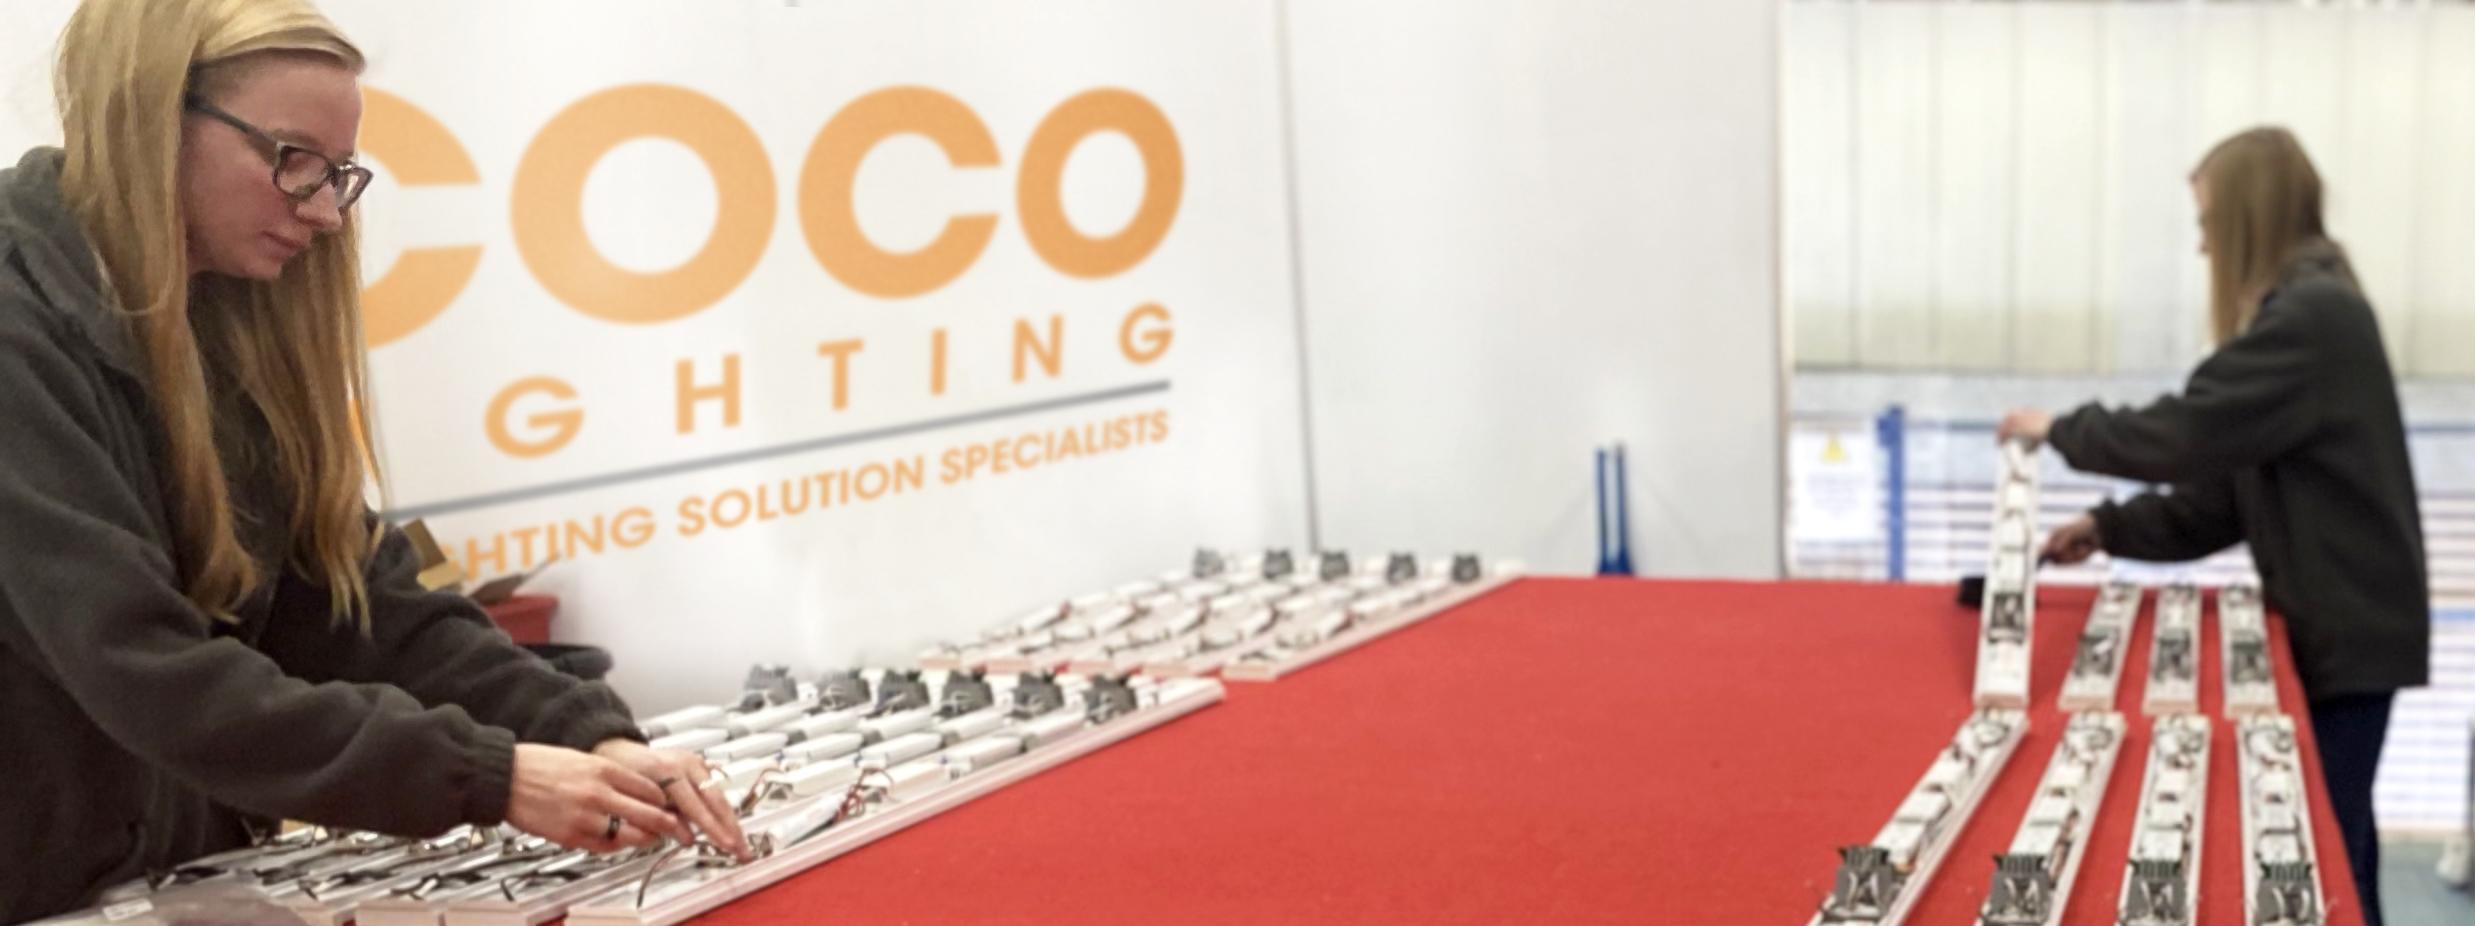 LED emergency lighting manufacturer